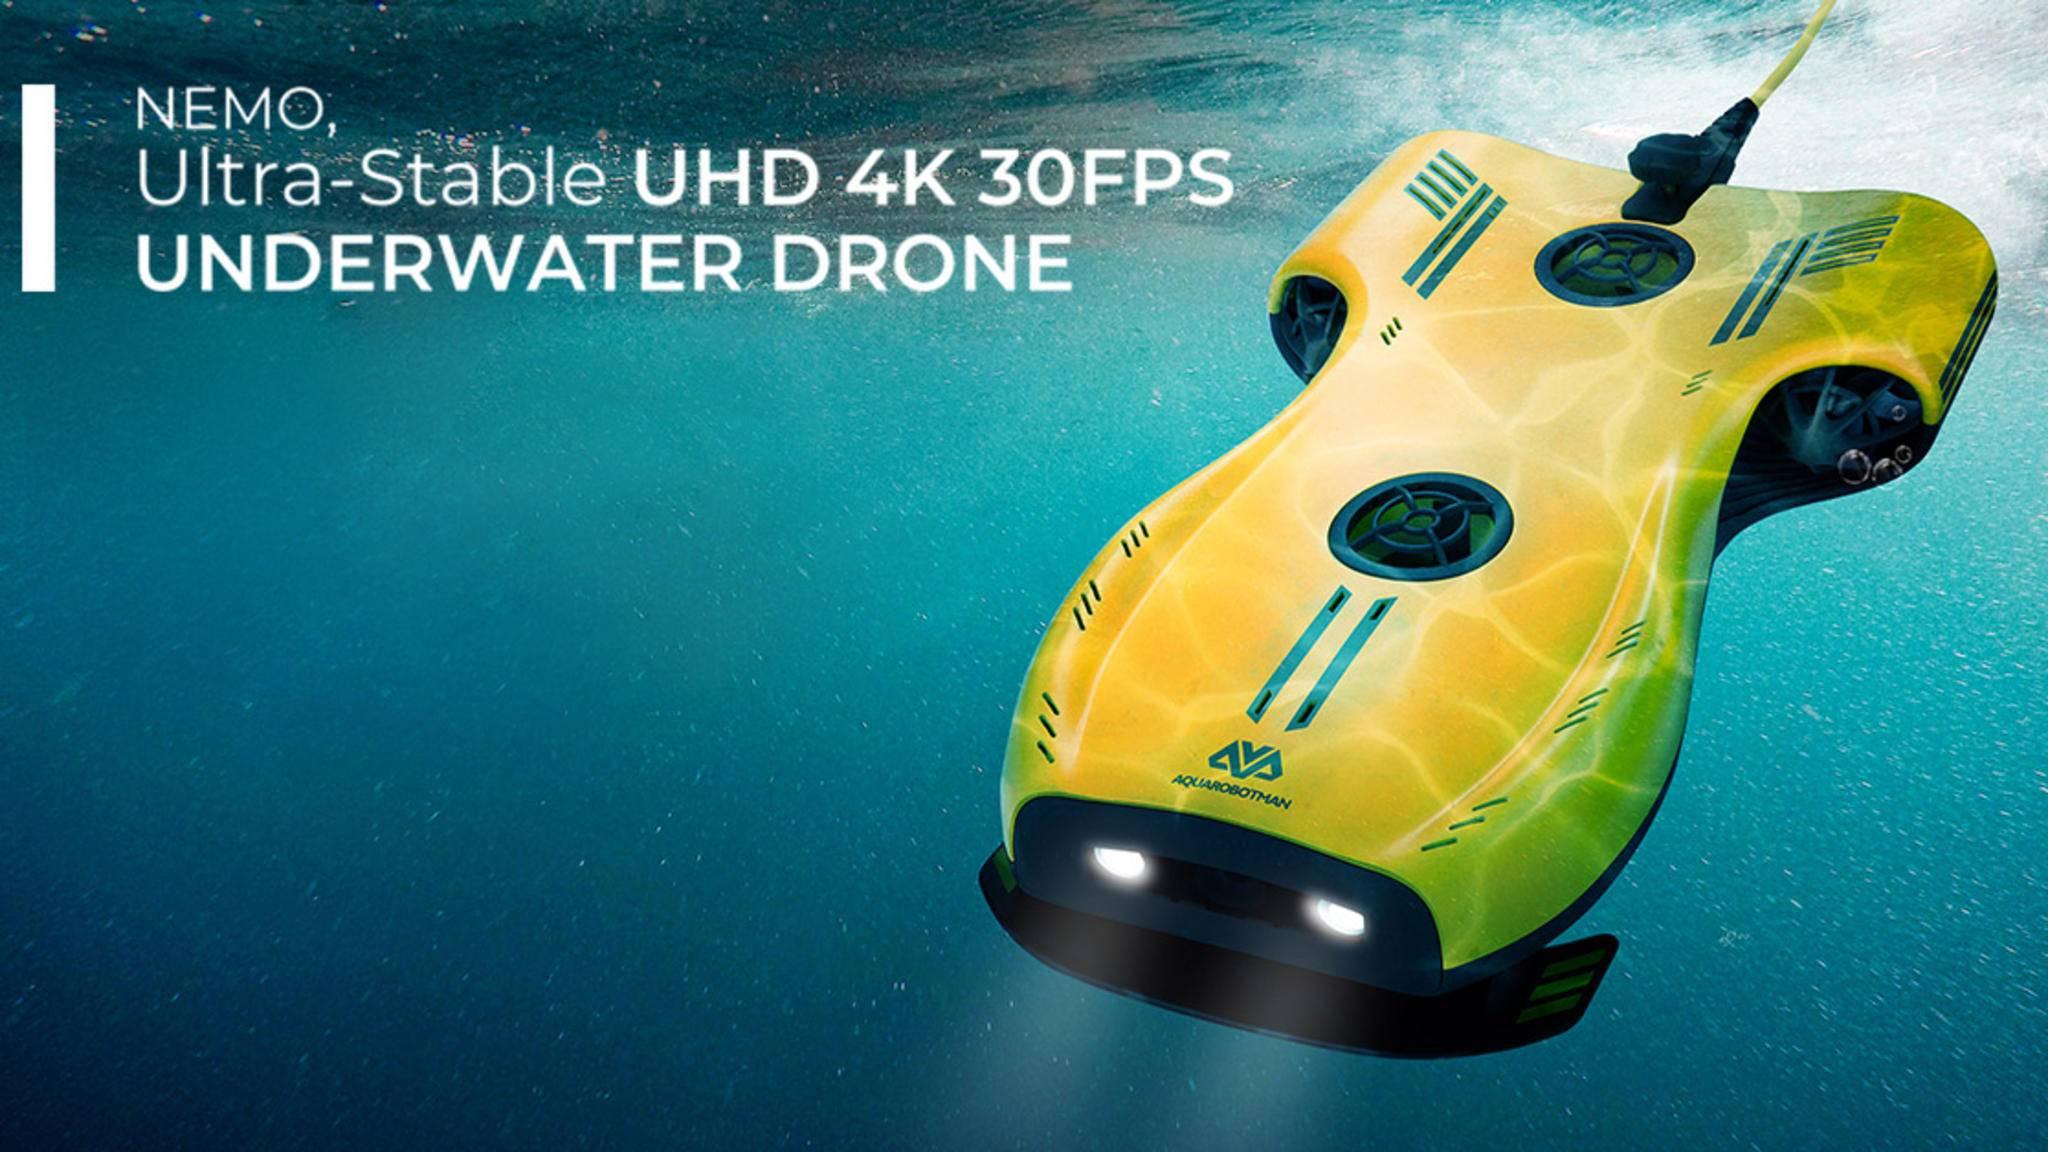 Die Unterwasser-Drohne Nemo kann bis zu 100 Meter tief tauchen.